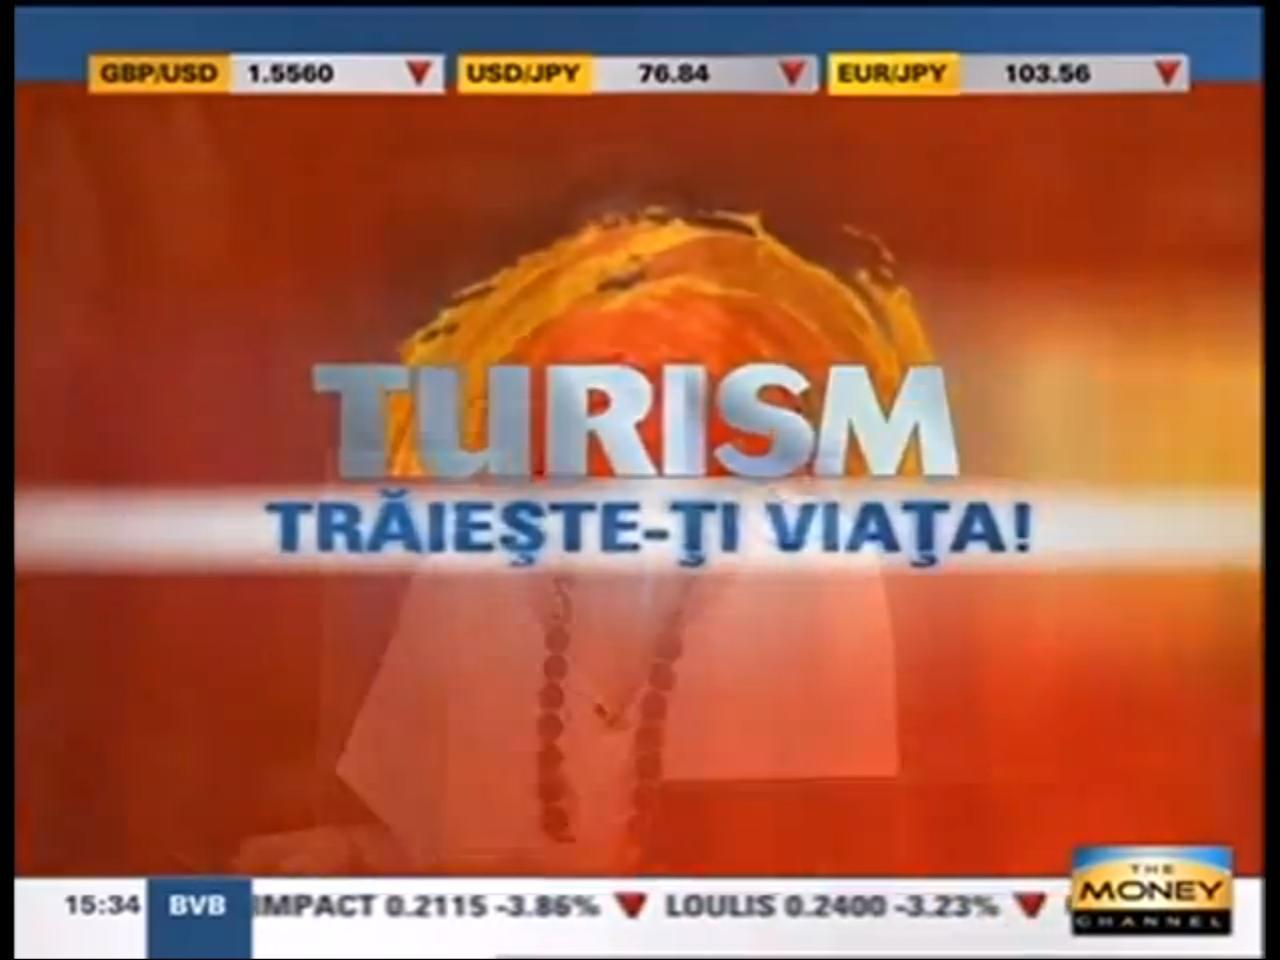 Înregistrare emisiunea de turism Trăieşte-ţi viaţa – ediţia 4, 28 octombrie 2011